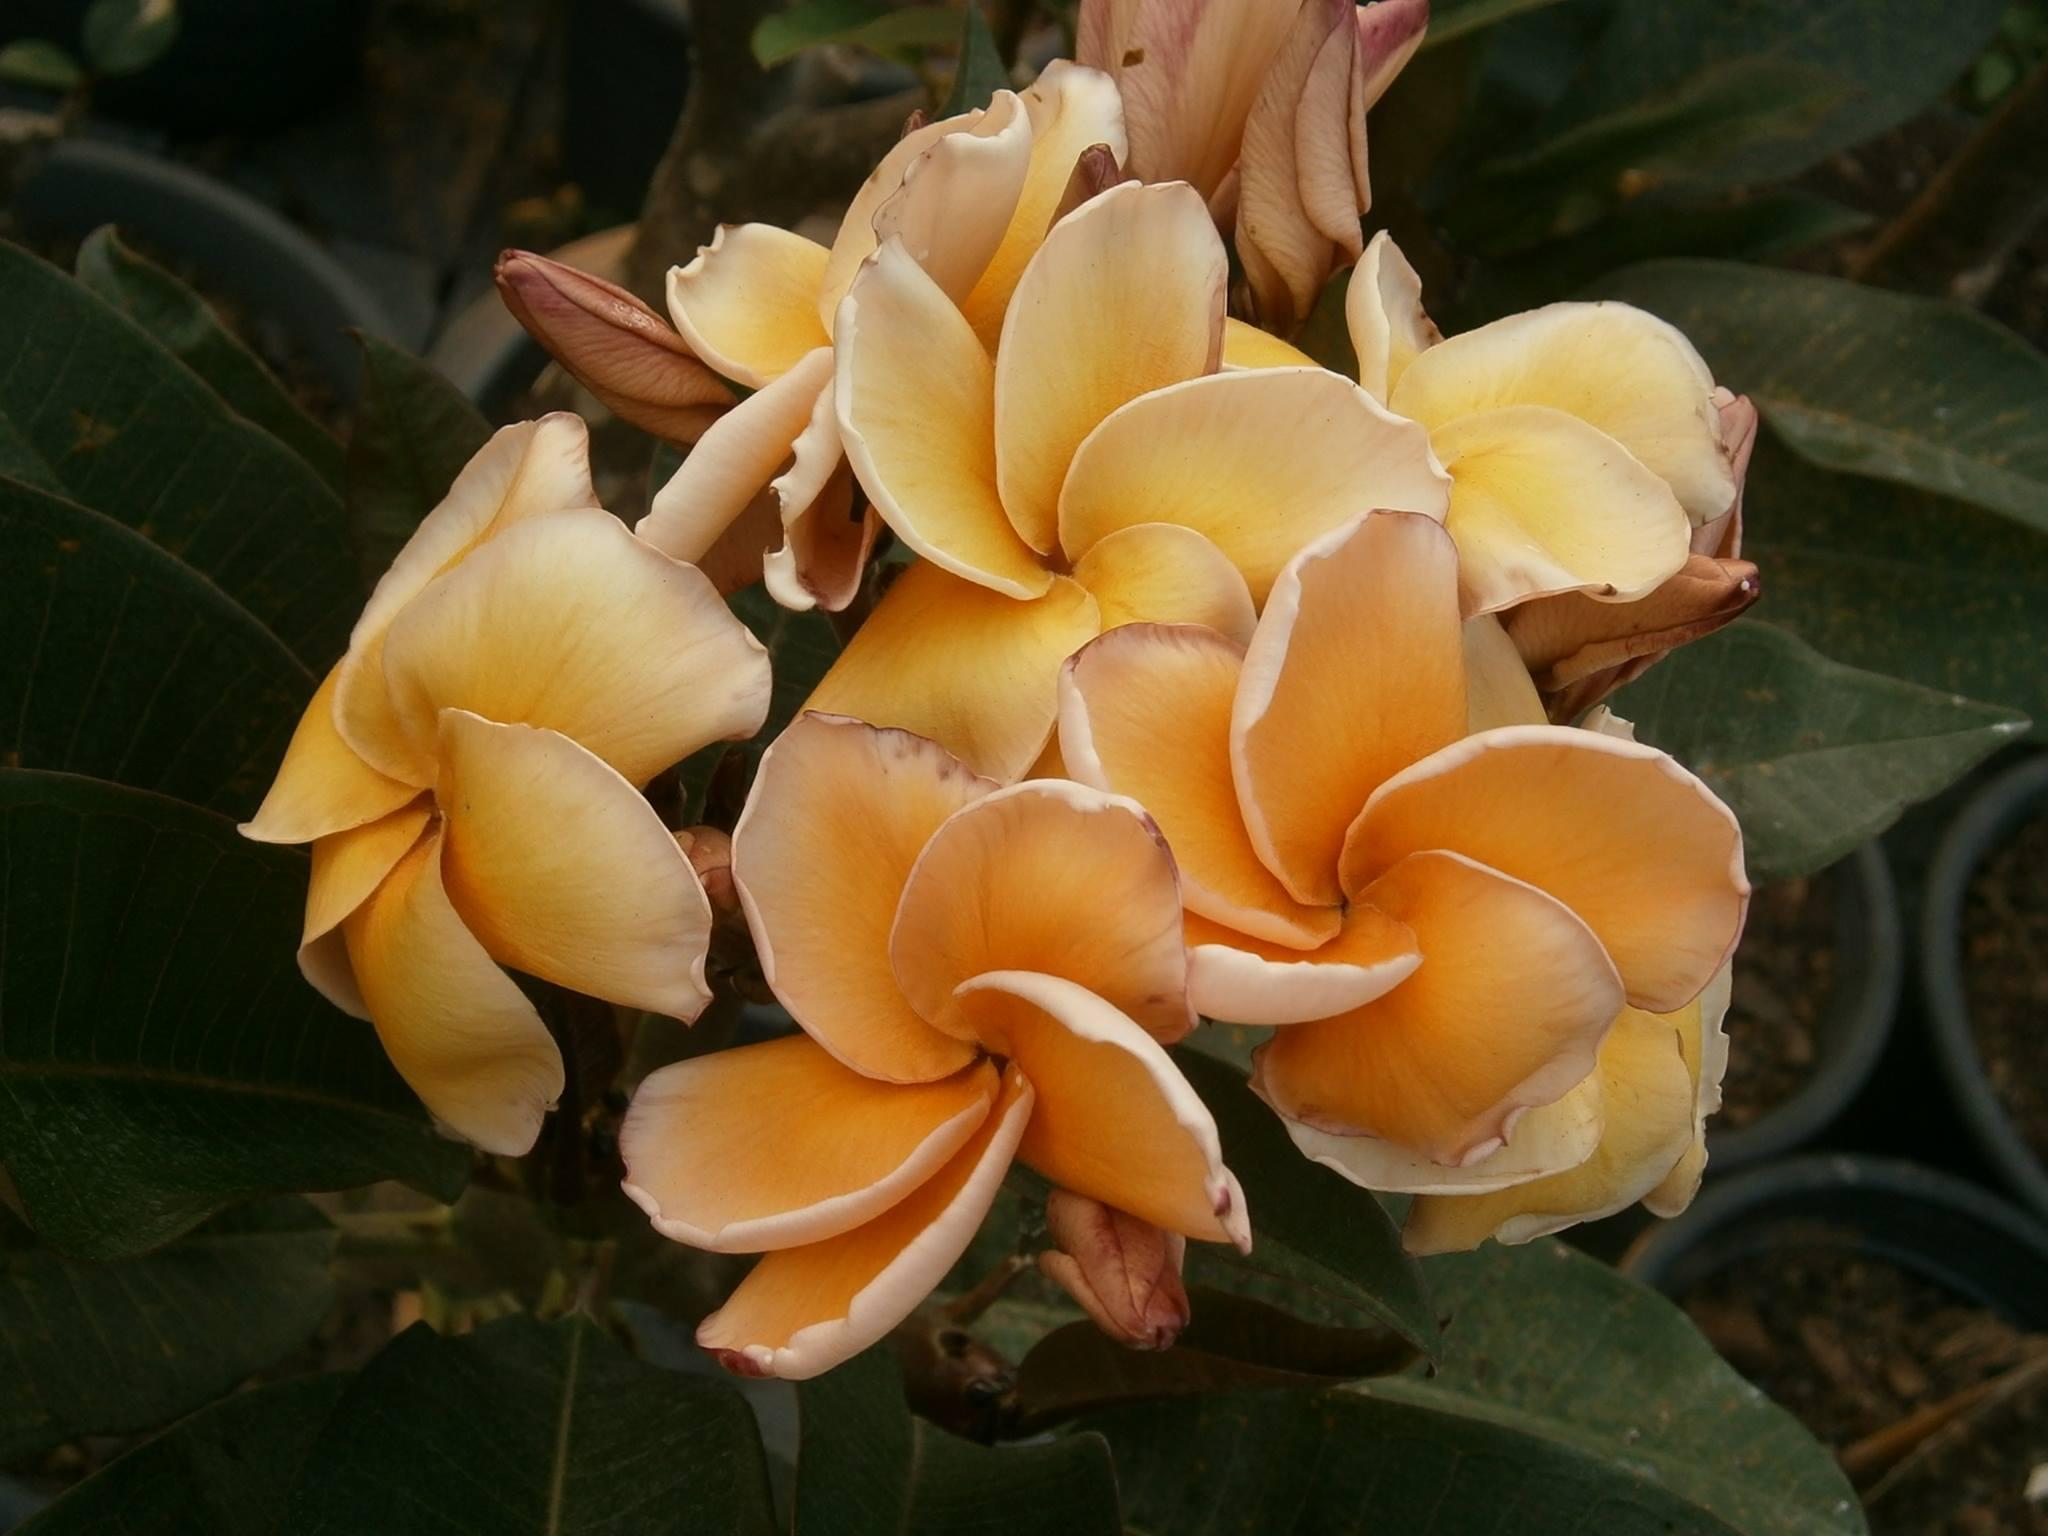 気温や日照条件により花色が変化します。